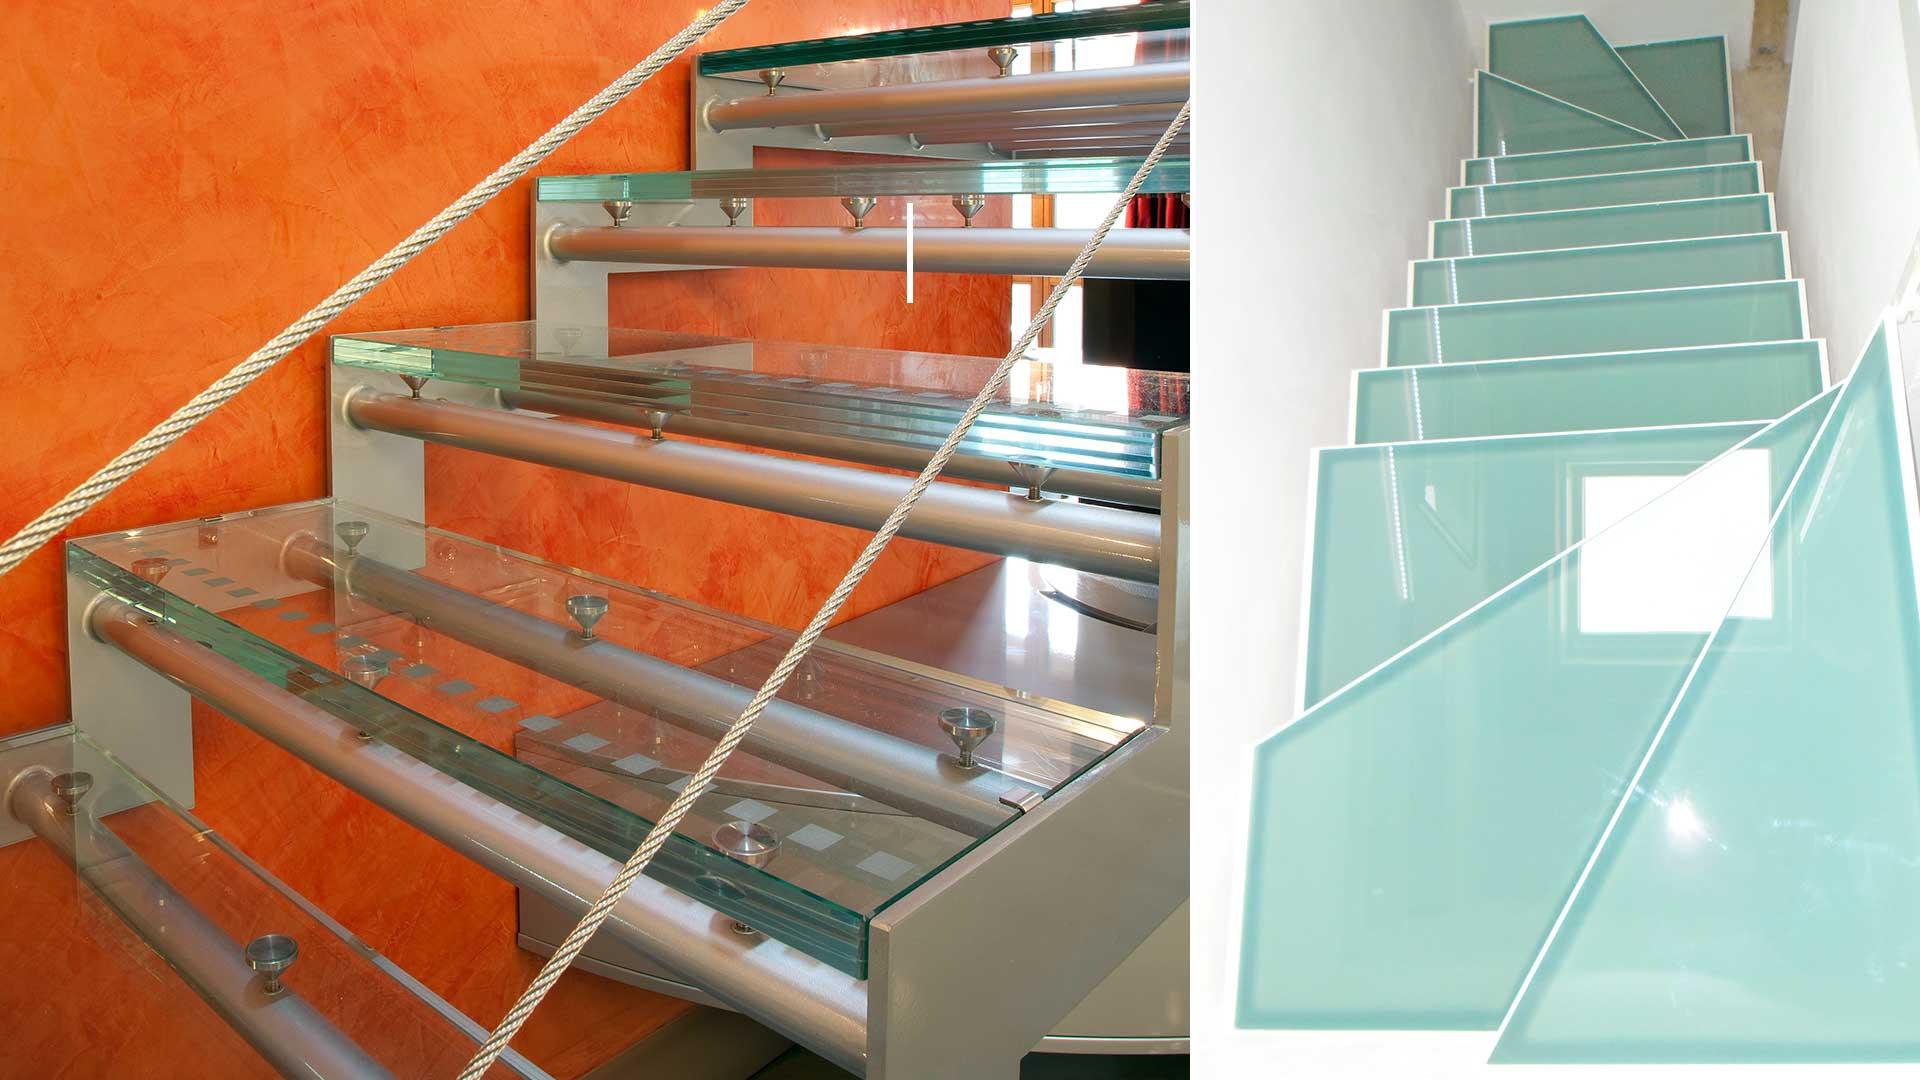 vetreria verona scale gradini vetro ideal vetraria